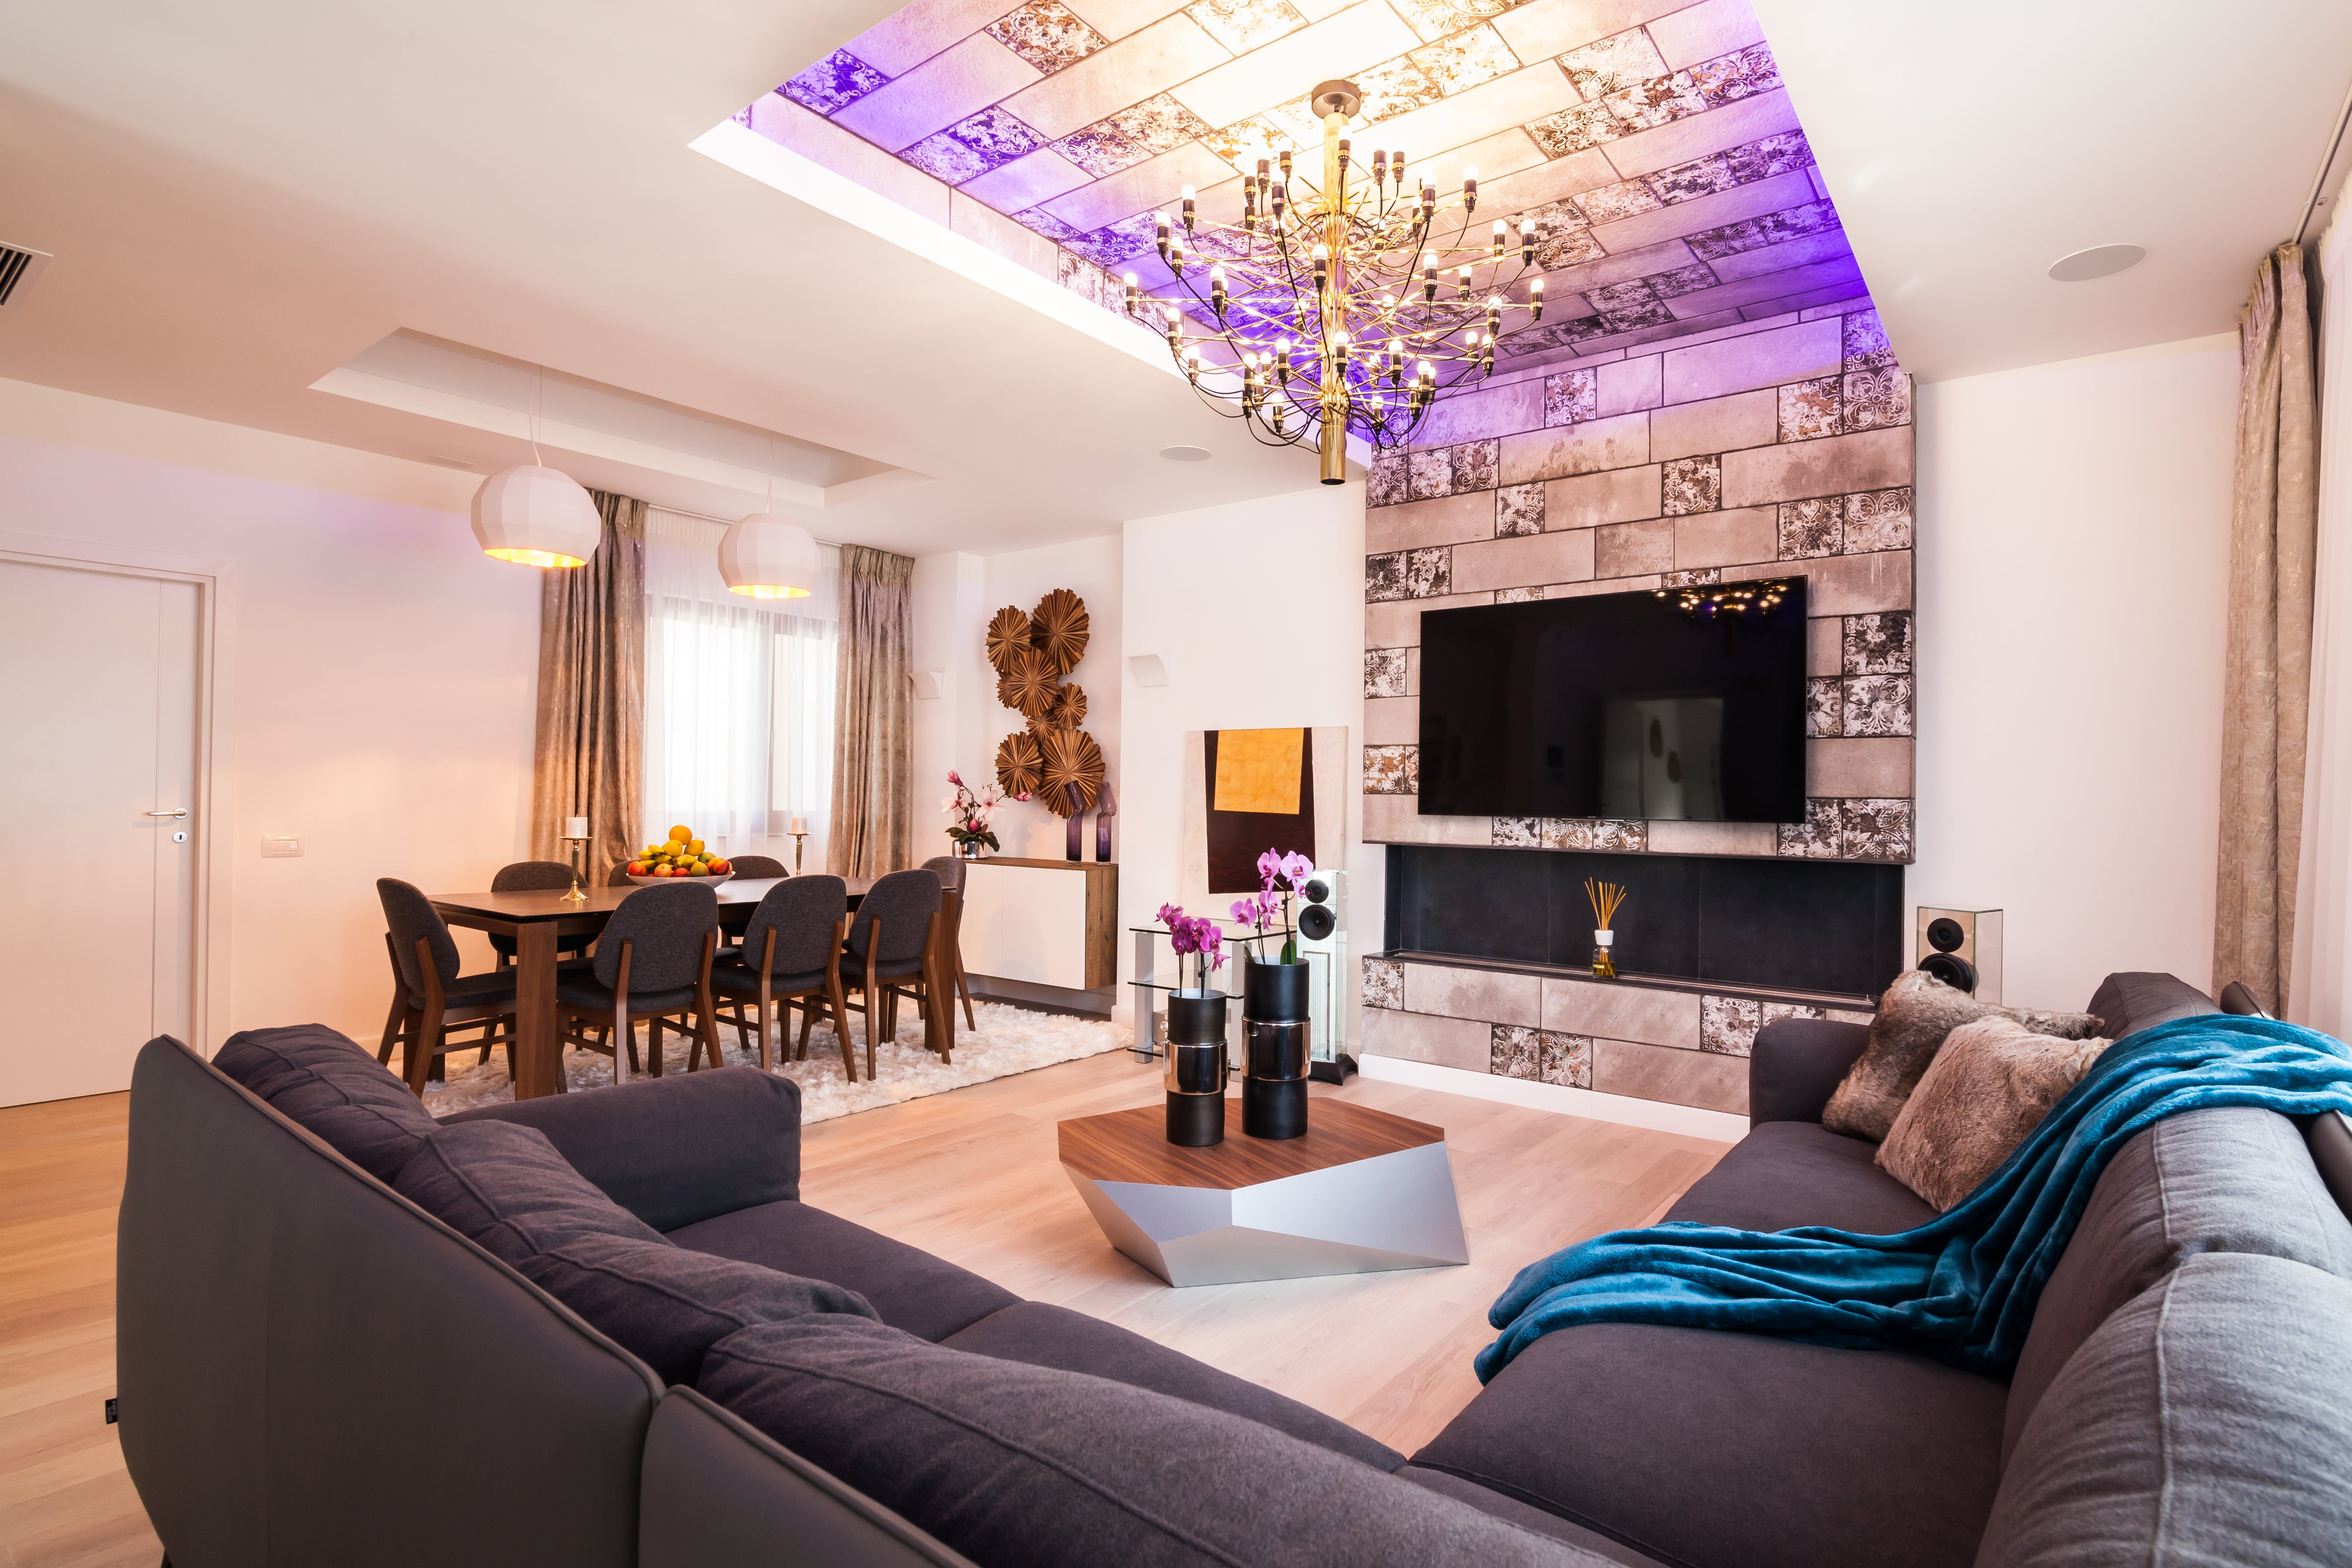 AMIRAL HOUSE MODERN STYLE, BUCHAREST – MODERN INTERIOR DESIGN ...